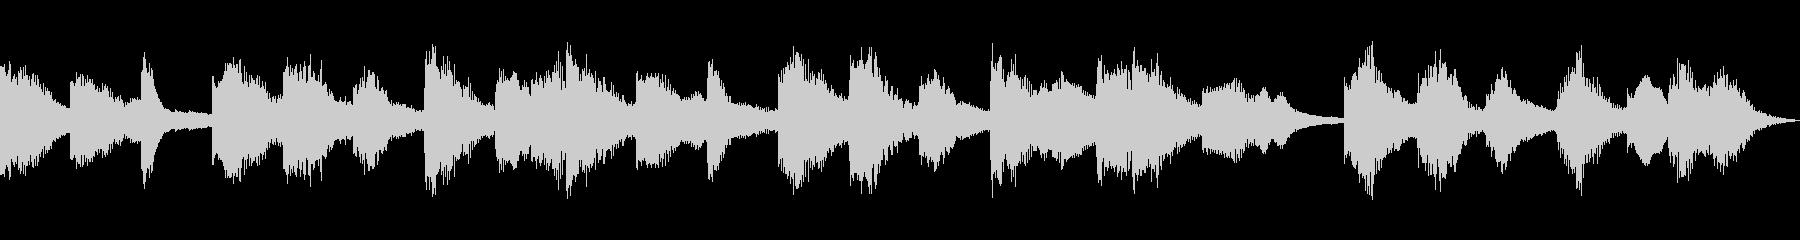 セクシー怪しいシンセCM 15秒の未再生の波形